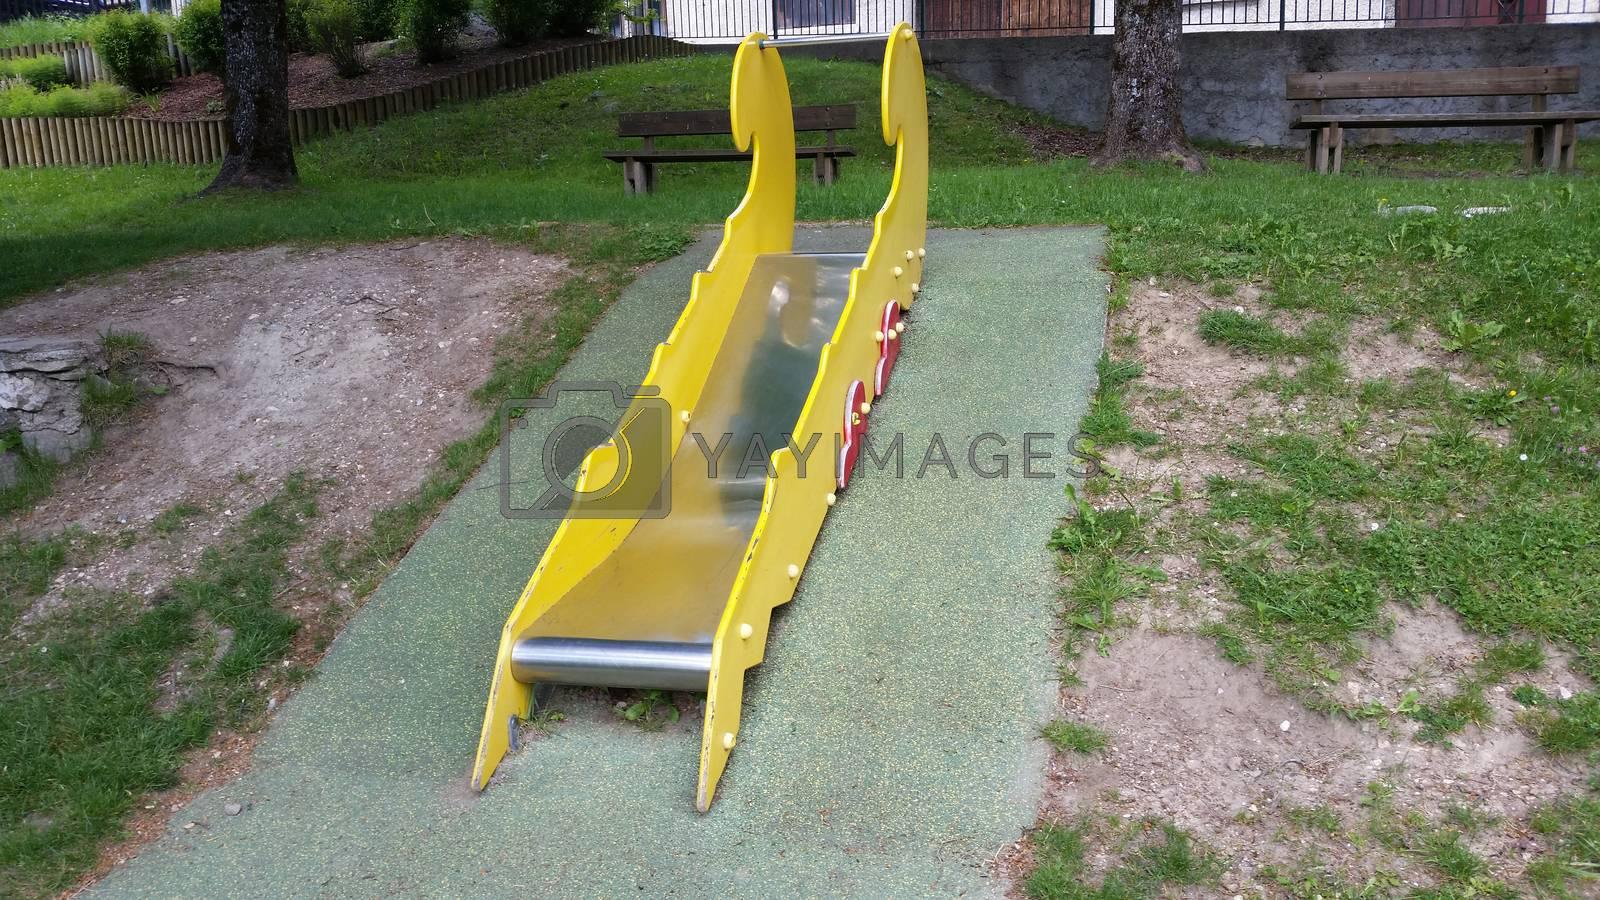 children playground in the park in Villard-de-Lans, France